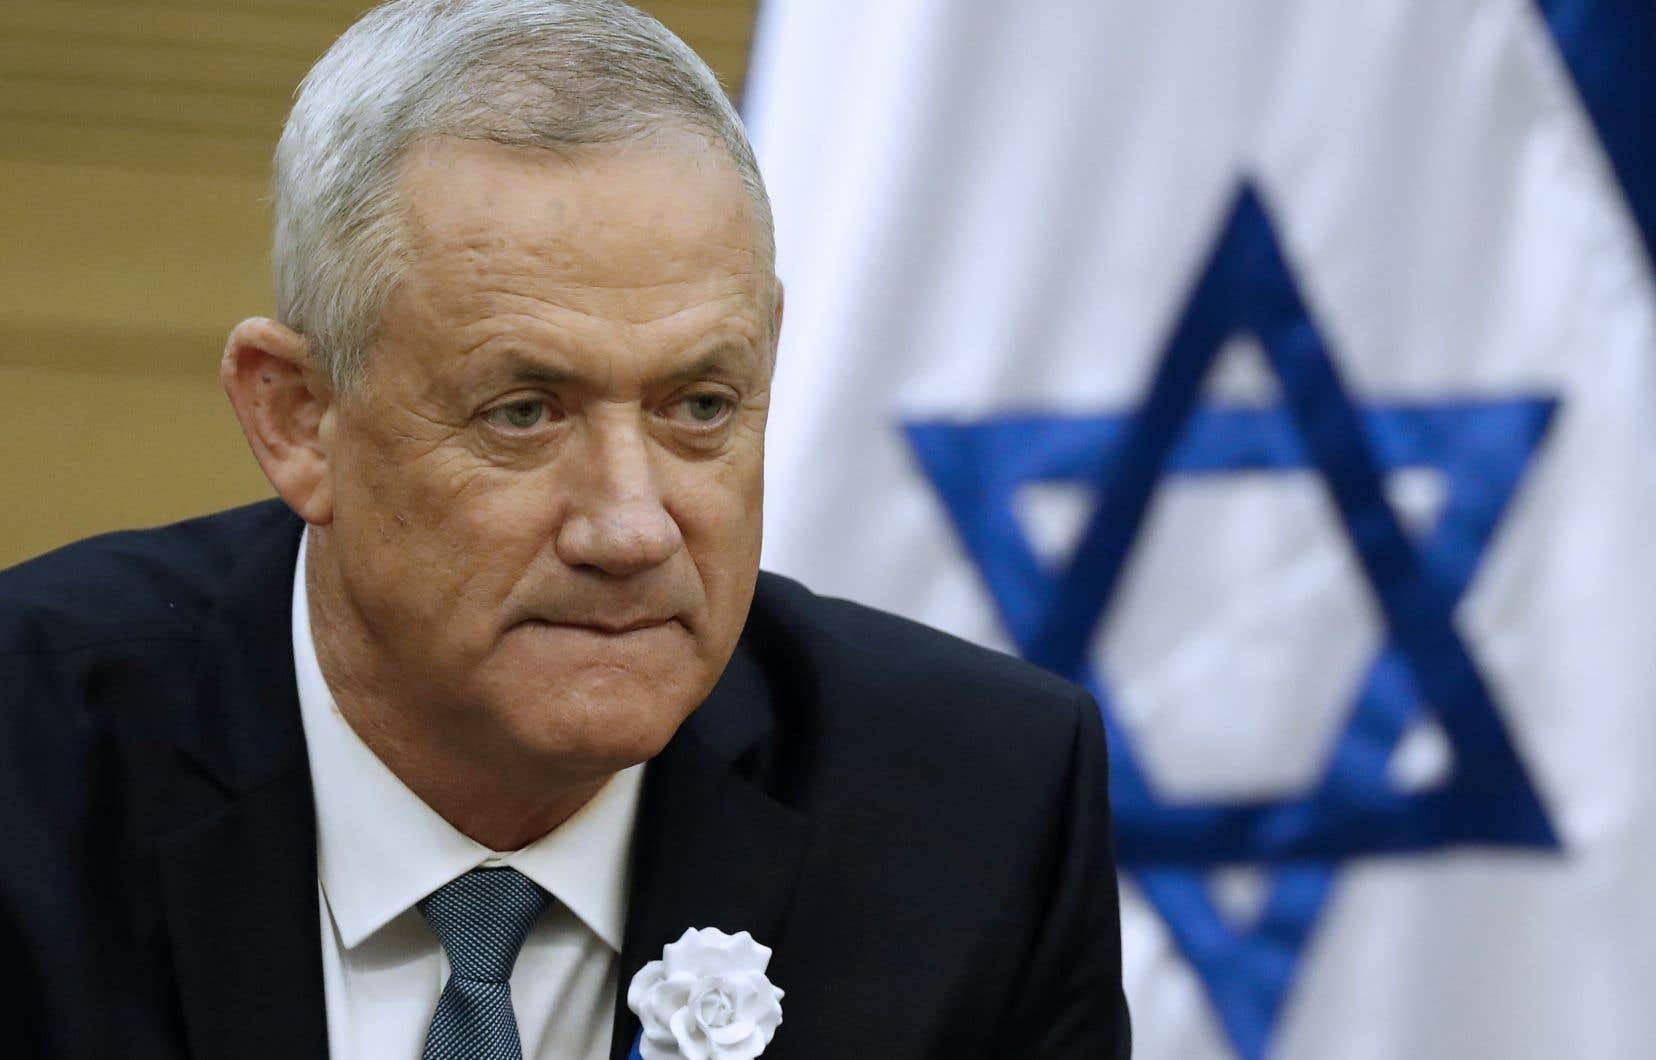 Benny Gantz est loin d'avoir assez de partenaires pour franchir le seuil des 61 députés — la majorité absolue à la Knesset.